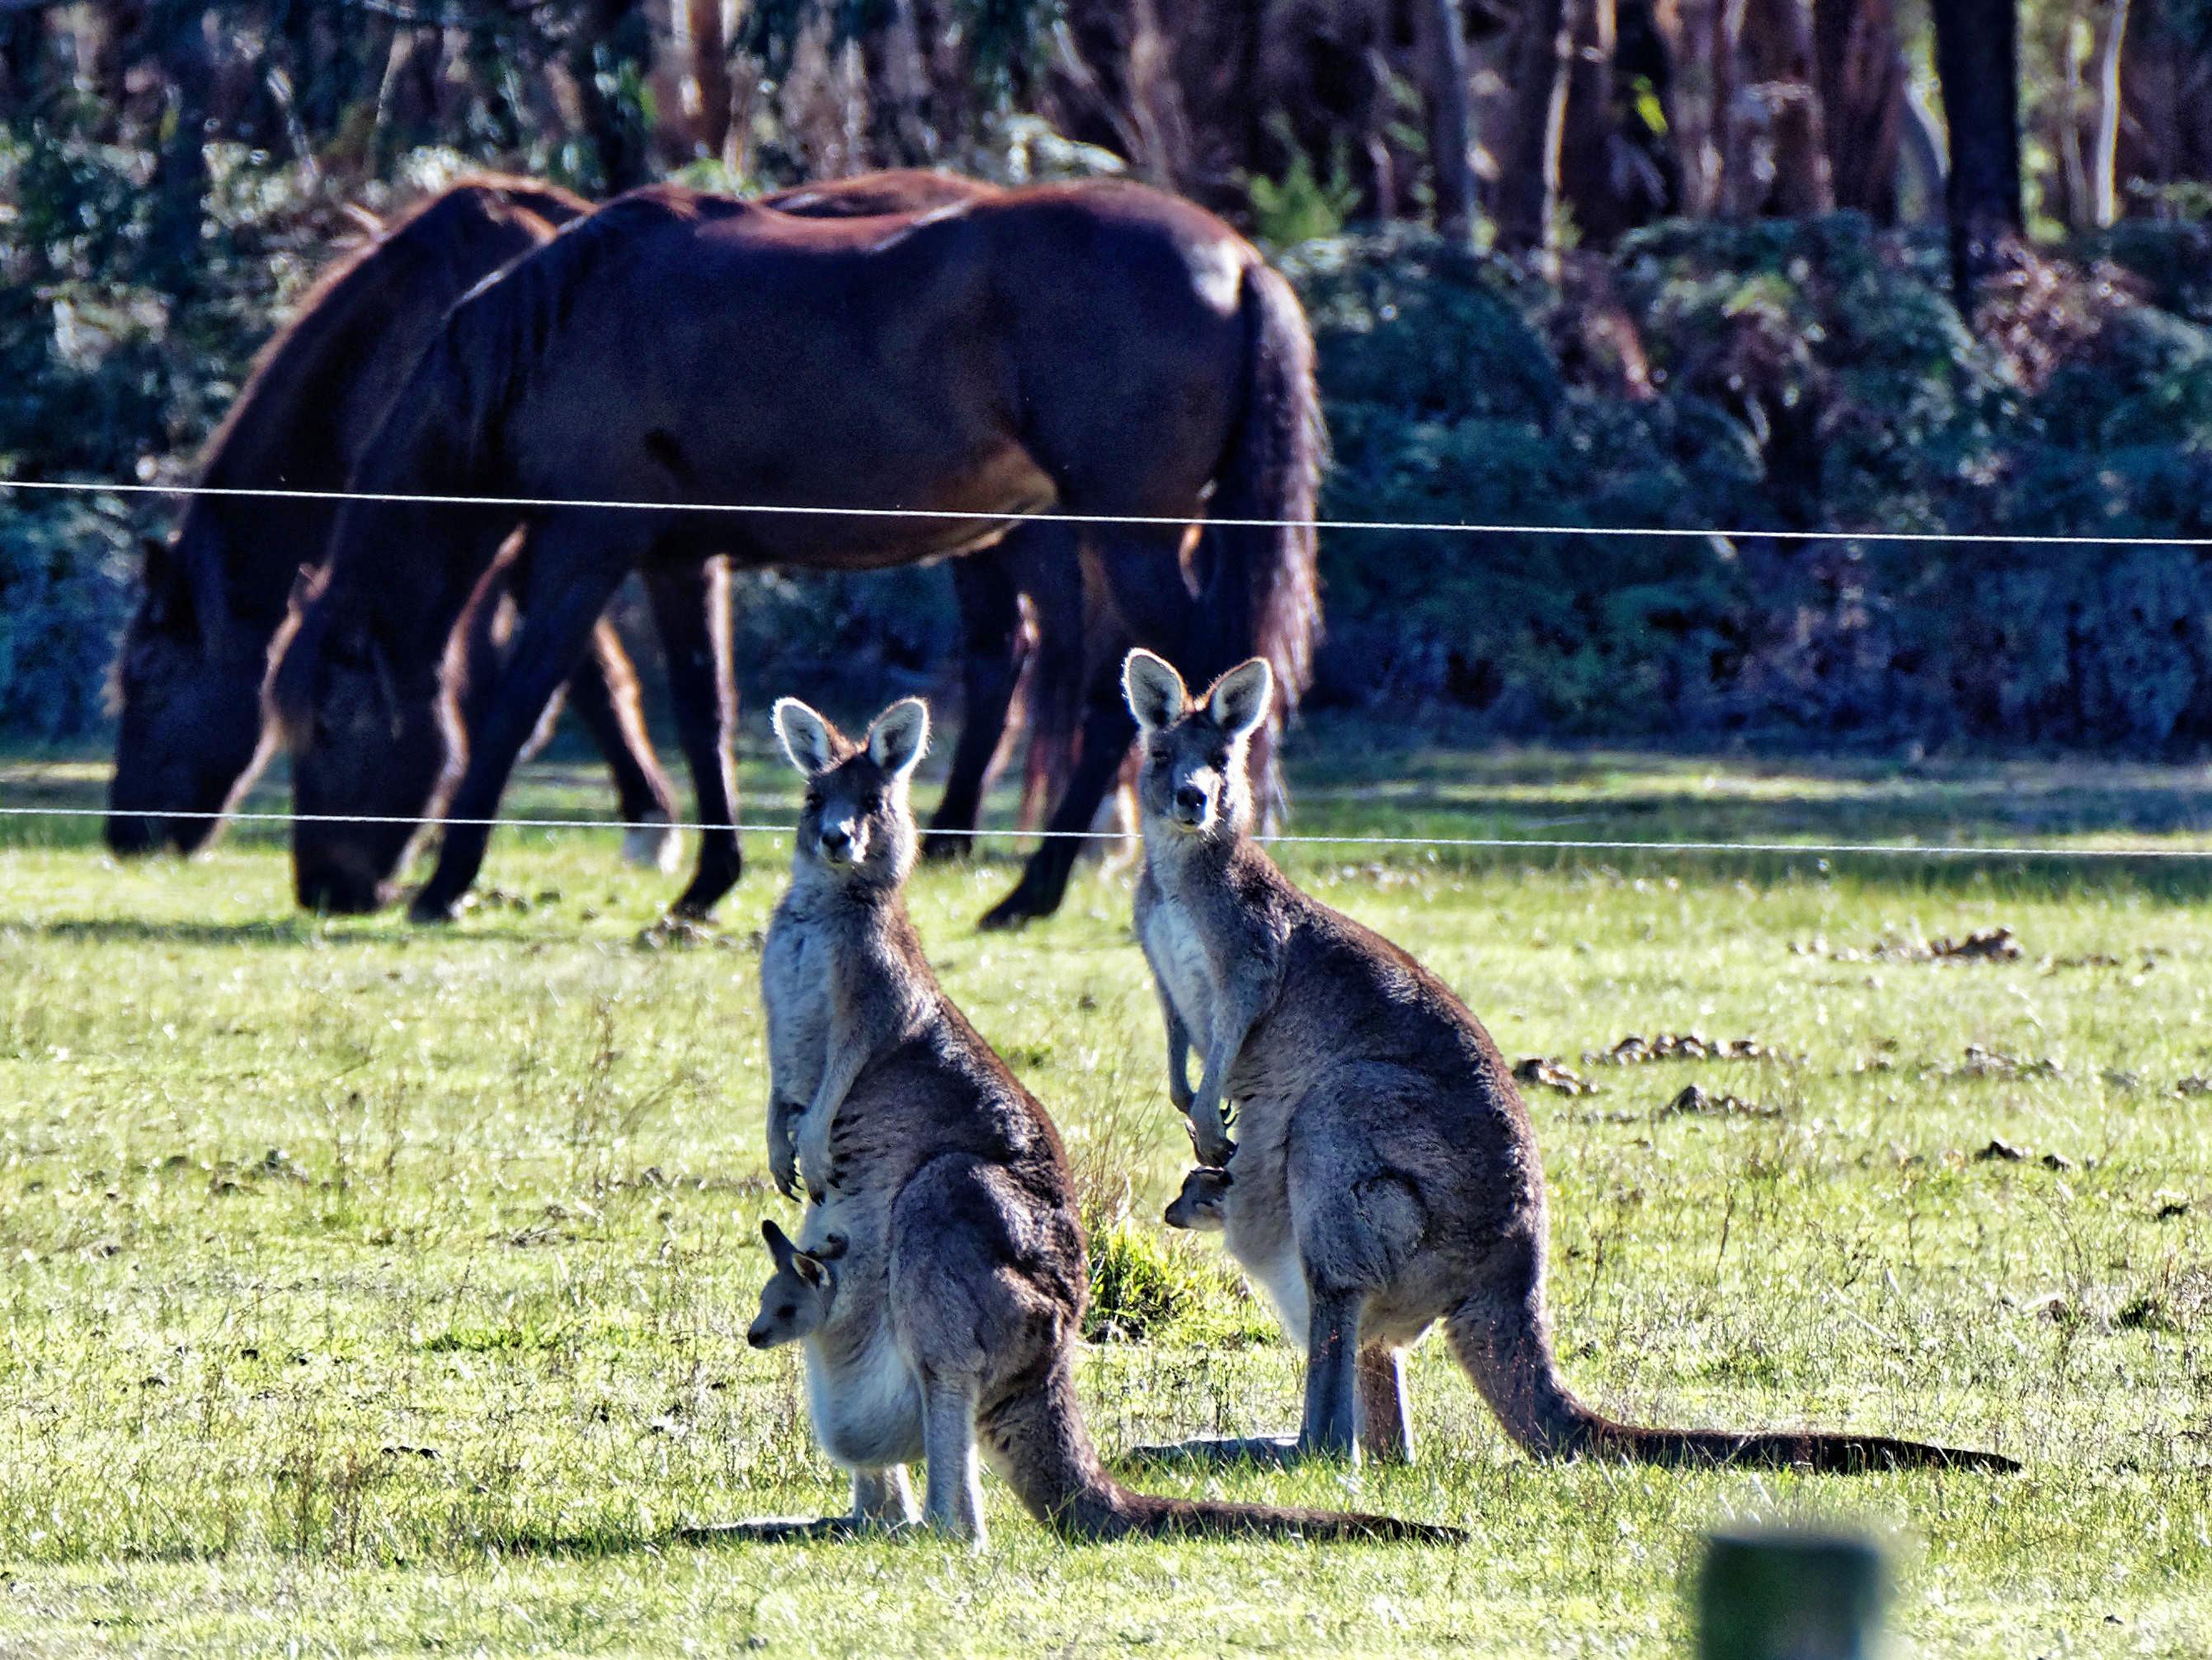 Kangaroos-51-detail.jpeg